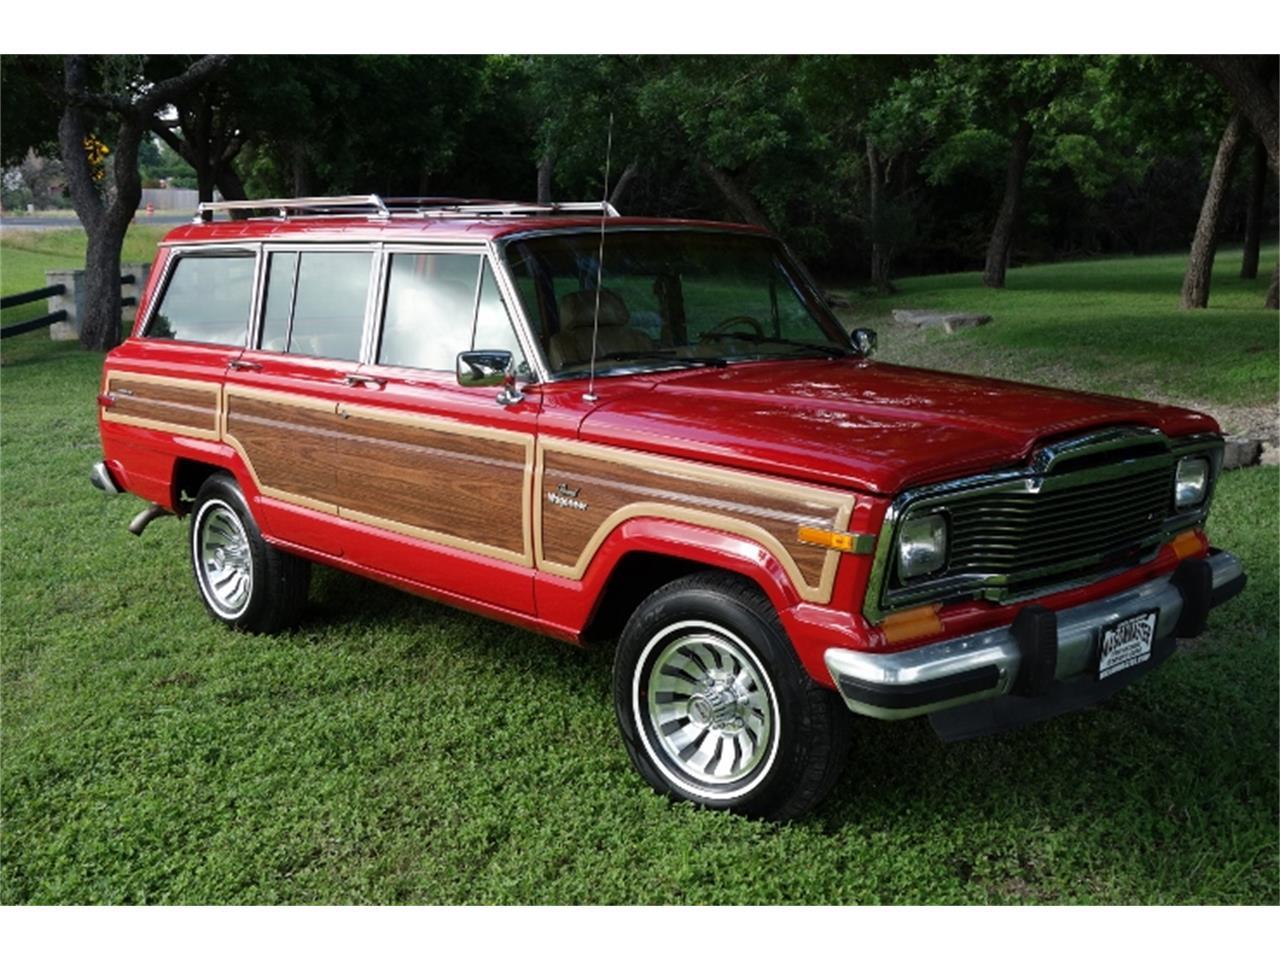 Jeep Wagoneer For Sale >> 1985 Jeep Wagoneer For Sale Classiccars Com Cc 1001395